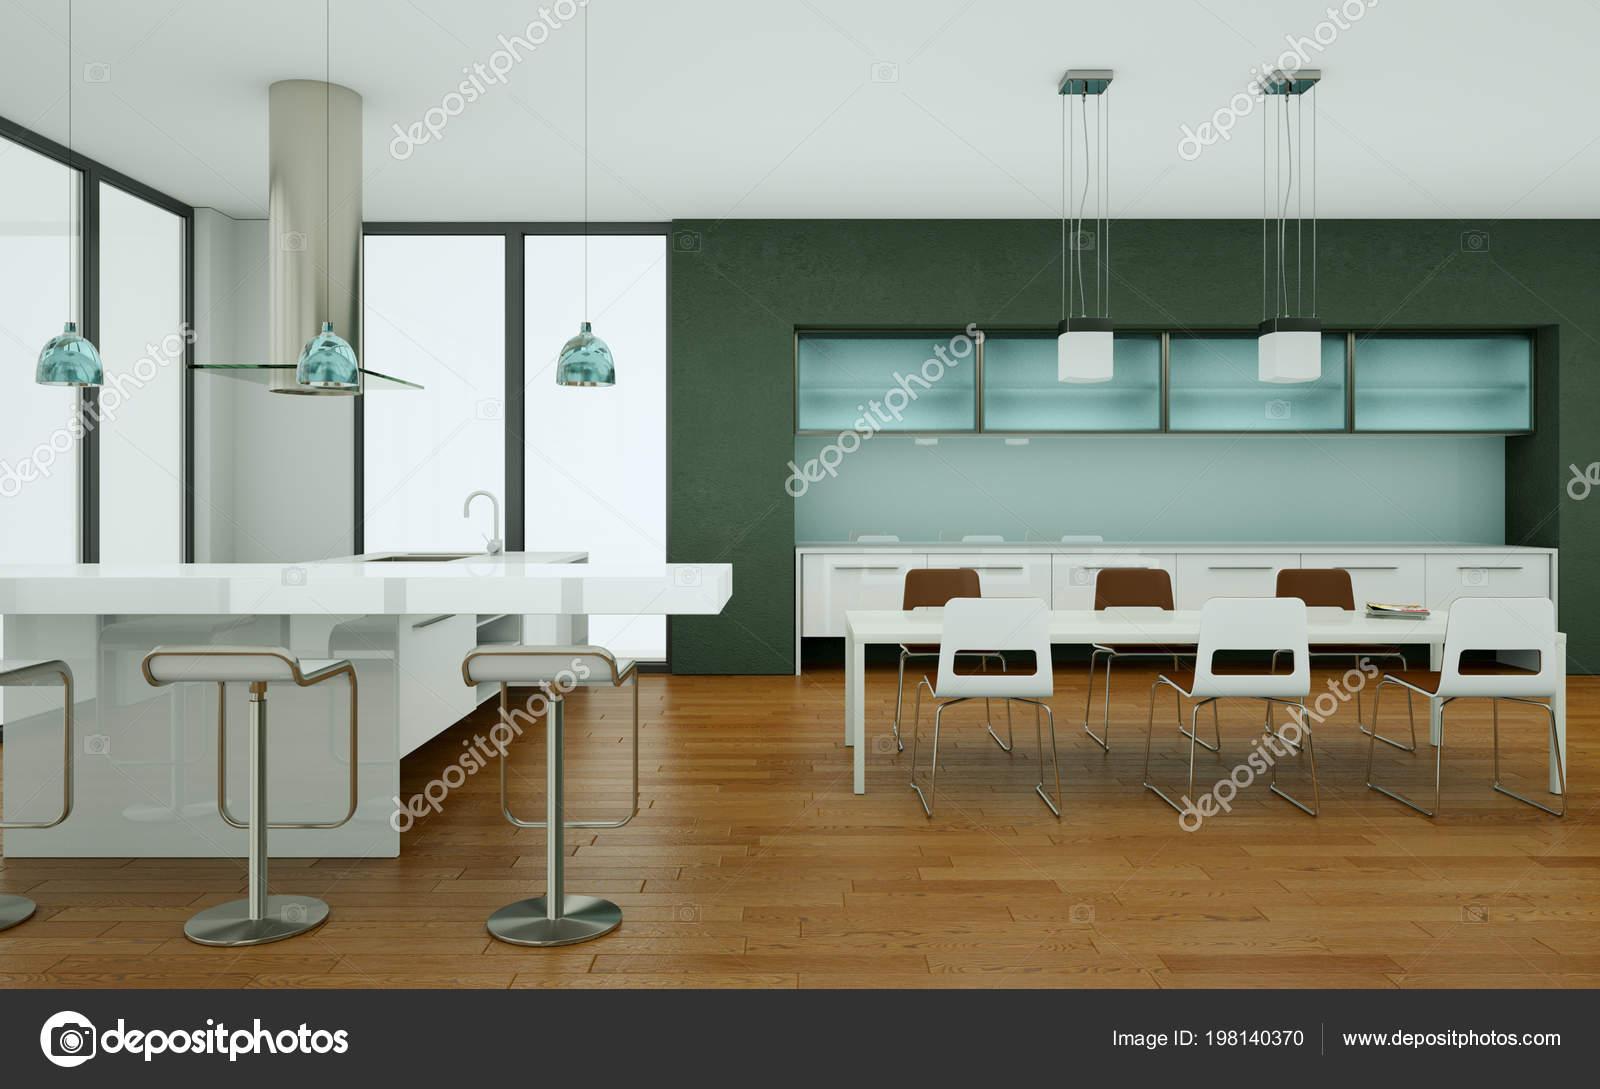 Grijze Moderne Keuken : Moderne keuken in een loft met grijze wanden u2014 stockfoto © virtua73